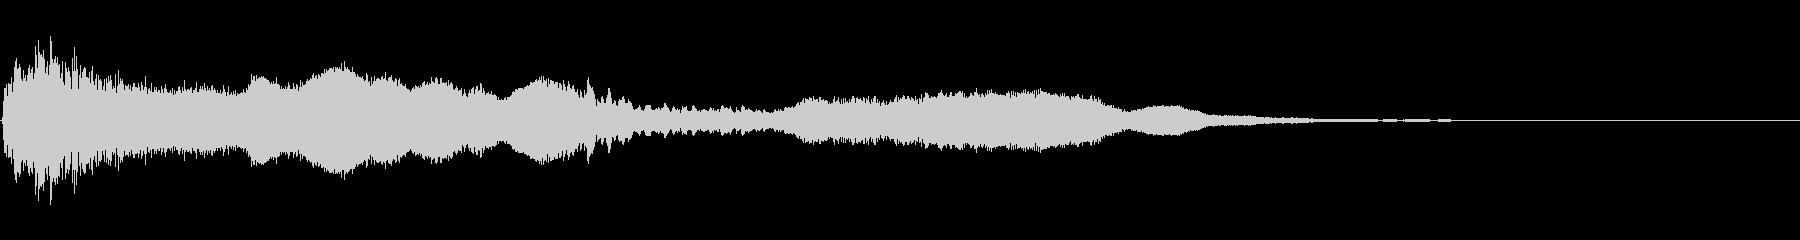 金属系のアイキャッチ・タイトル音の未再生の波形